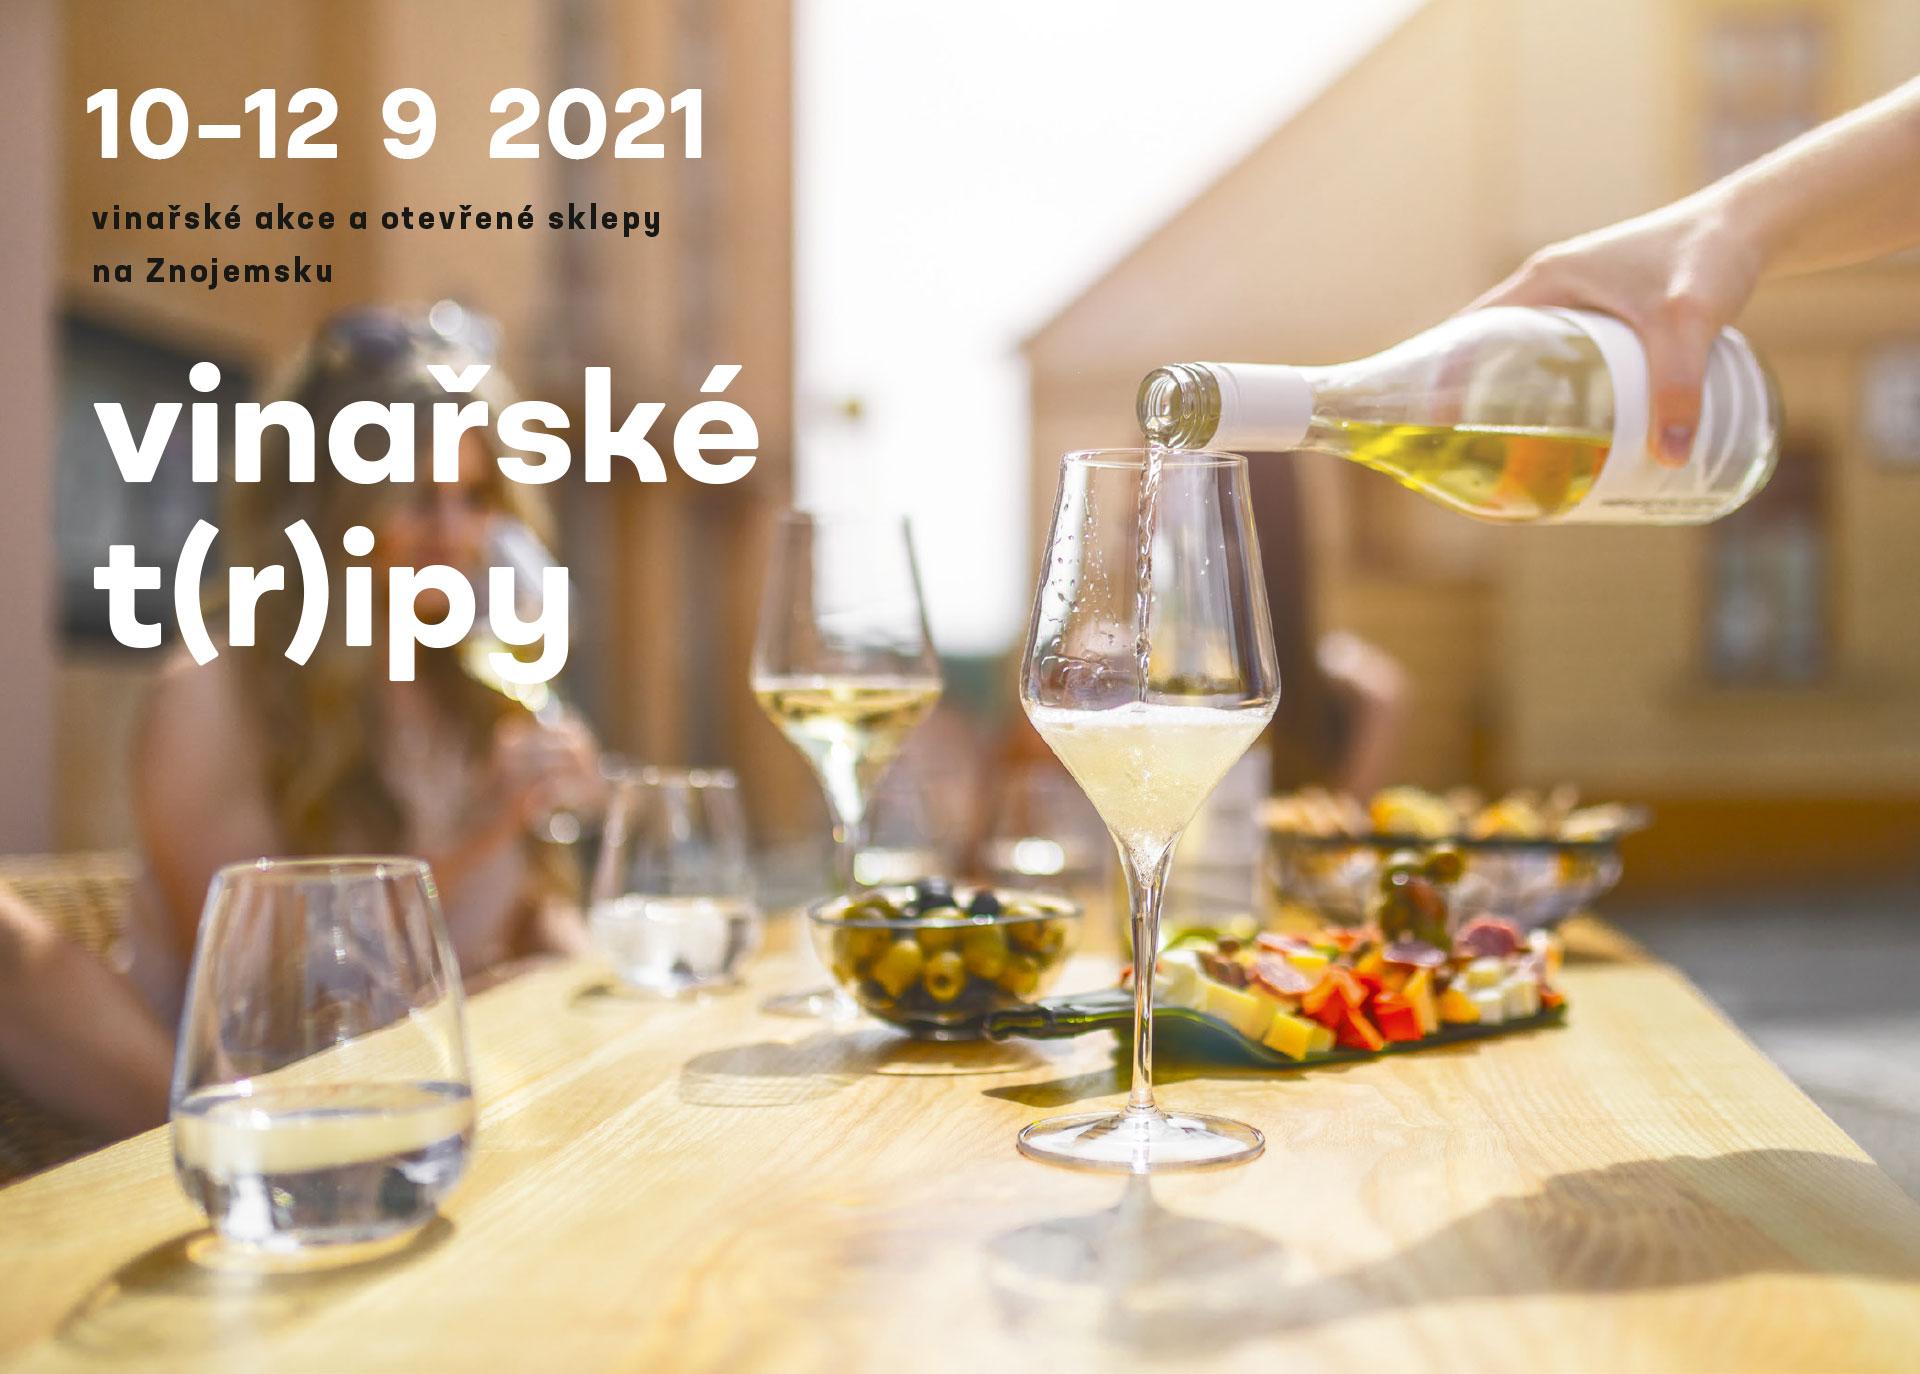 Otevírací doba vinařů VOC Znojmo v rámci vinařských t(r)ipů